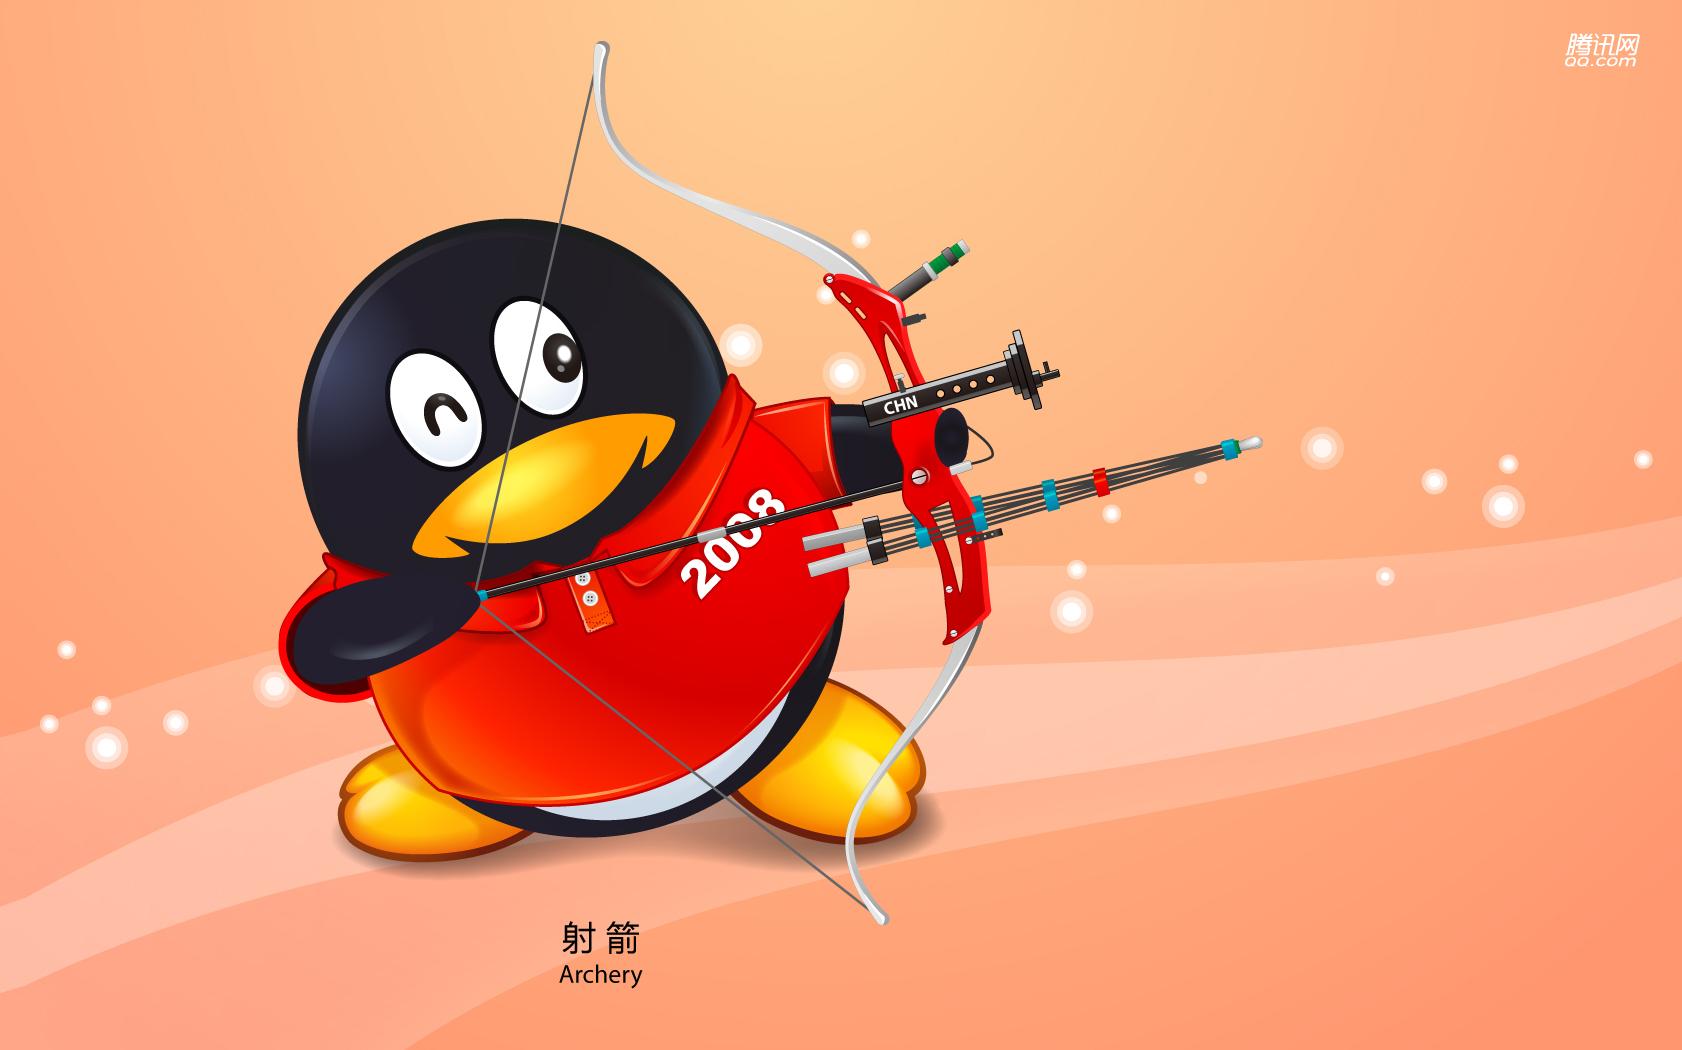 Пекин олимпиада 2008, символ, пингвин, стрельба с лука, скачать фото, обои для рабочего стола